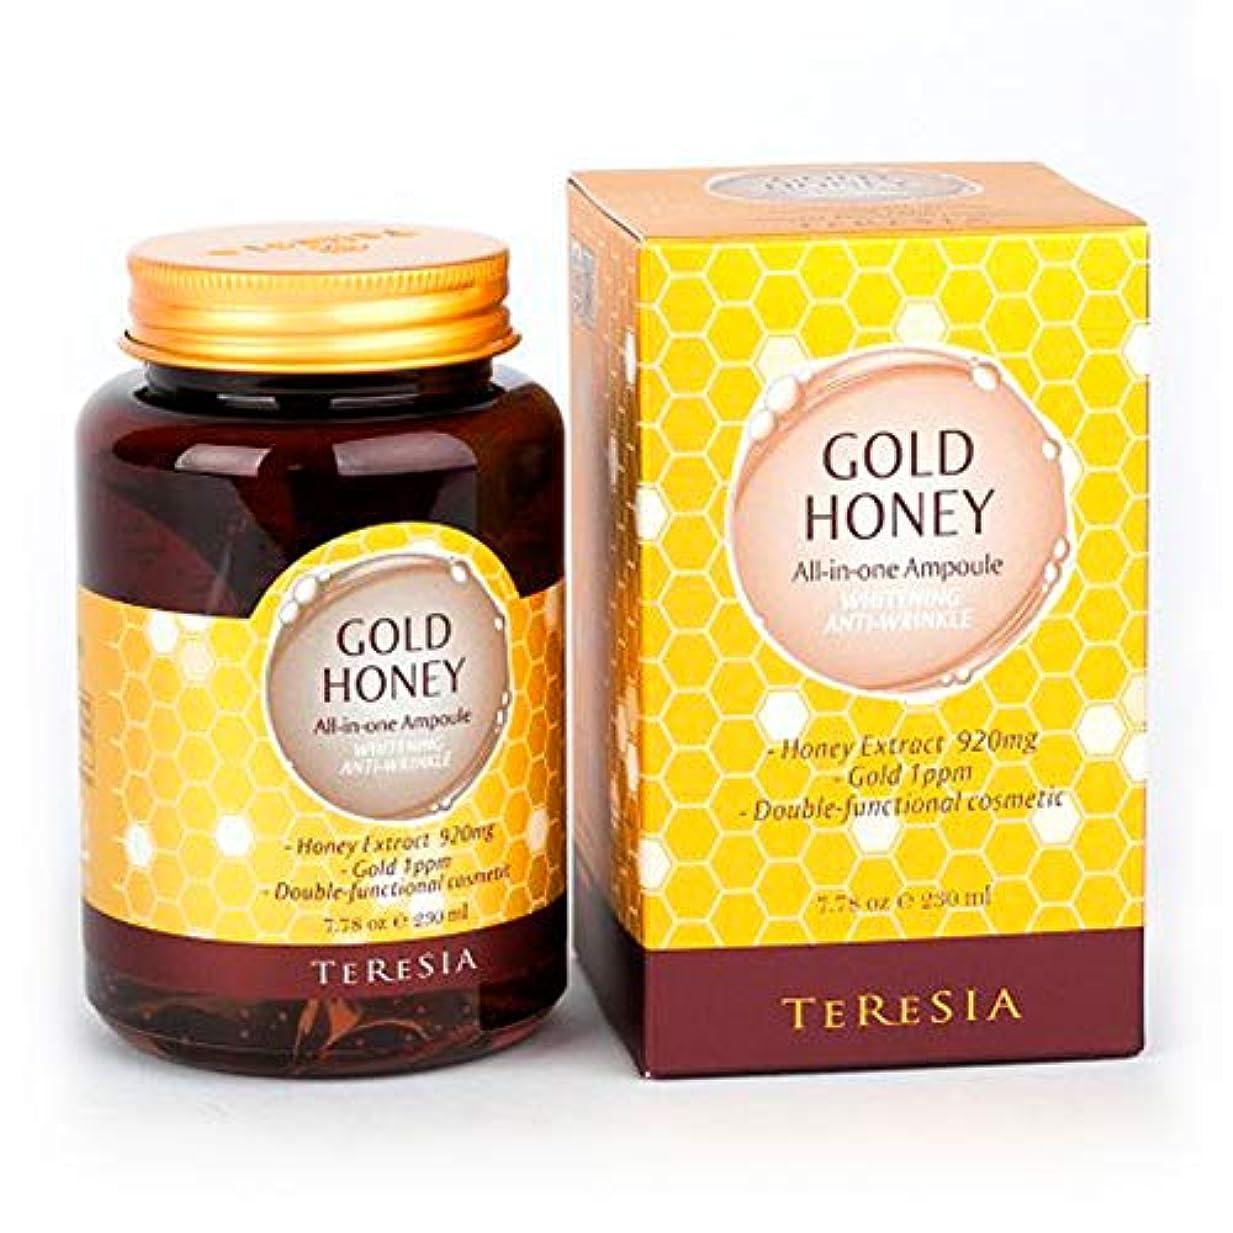 カタログリスクマラウイ[(テルシア)TERESIA] テルシア·ゴールドハニー大容量 230ml オールインワン·アンプル シワ,美白二重機能性化粧品